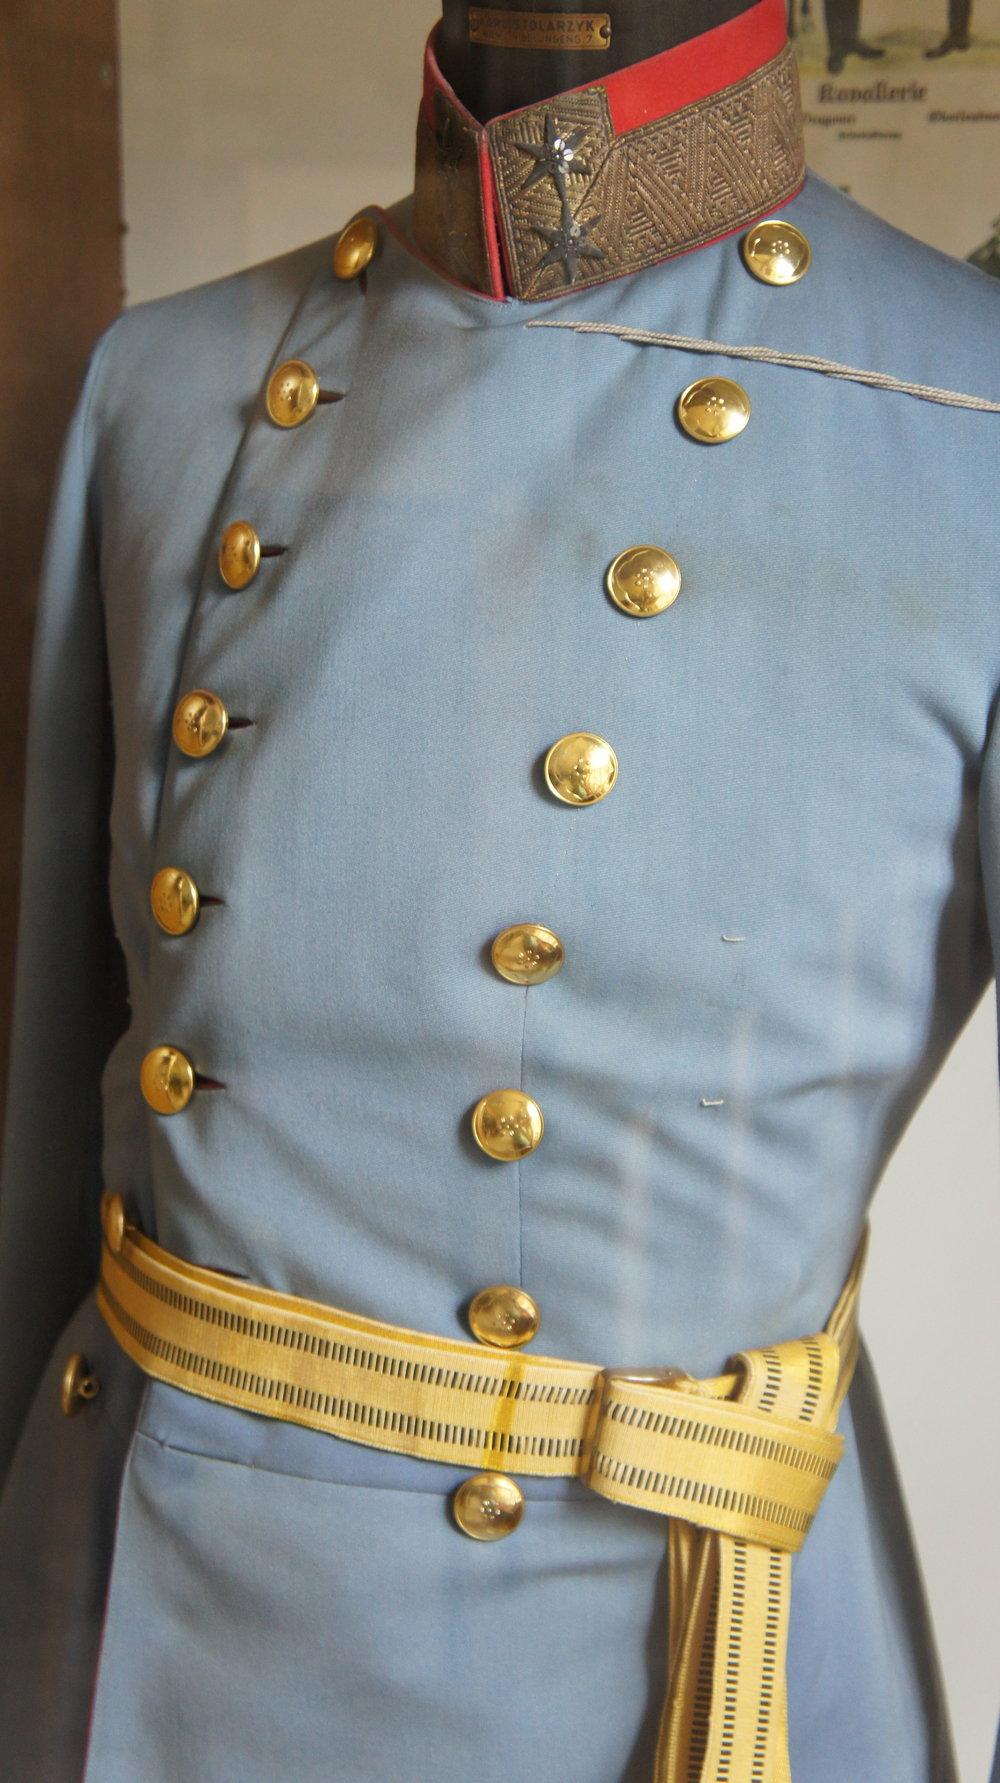 Waffensaal - Aufstellung 2005: Feuerwaffen - Uniformen von der Monarchie bis zum Bundesheer - Säbel - Schießscheiben aus dem 18. Jahrhundert - u.a.m.